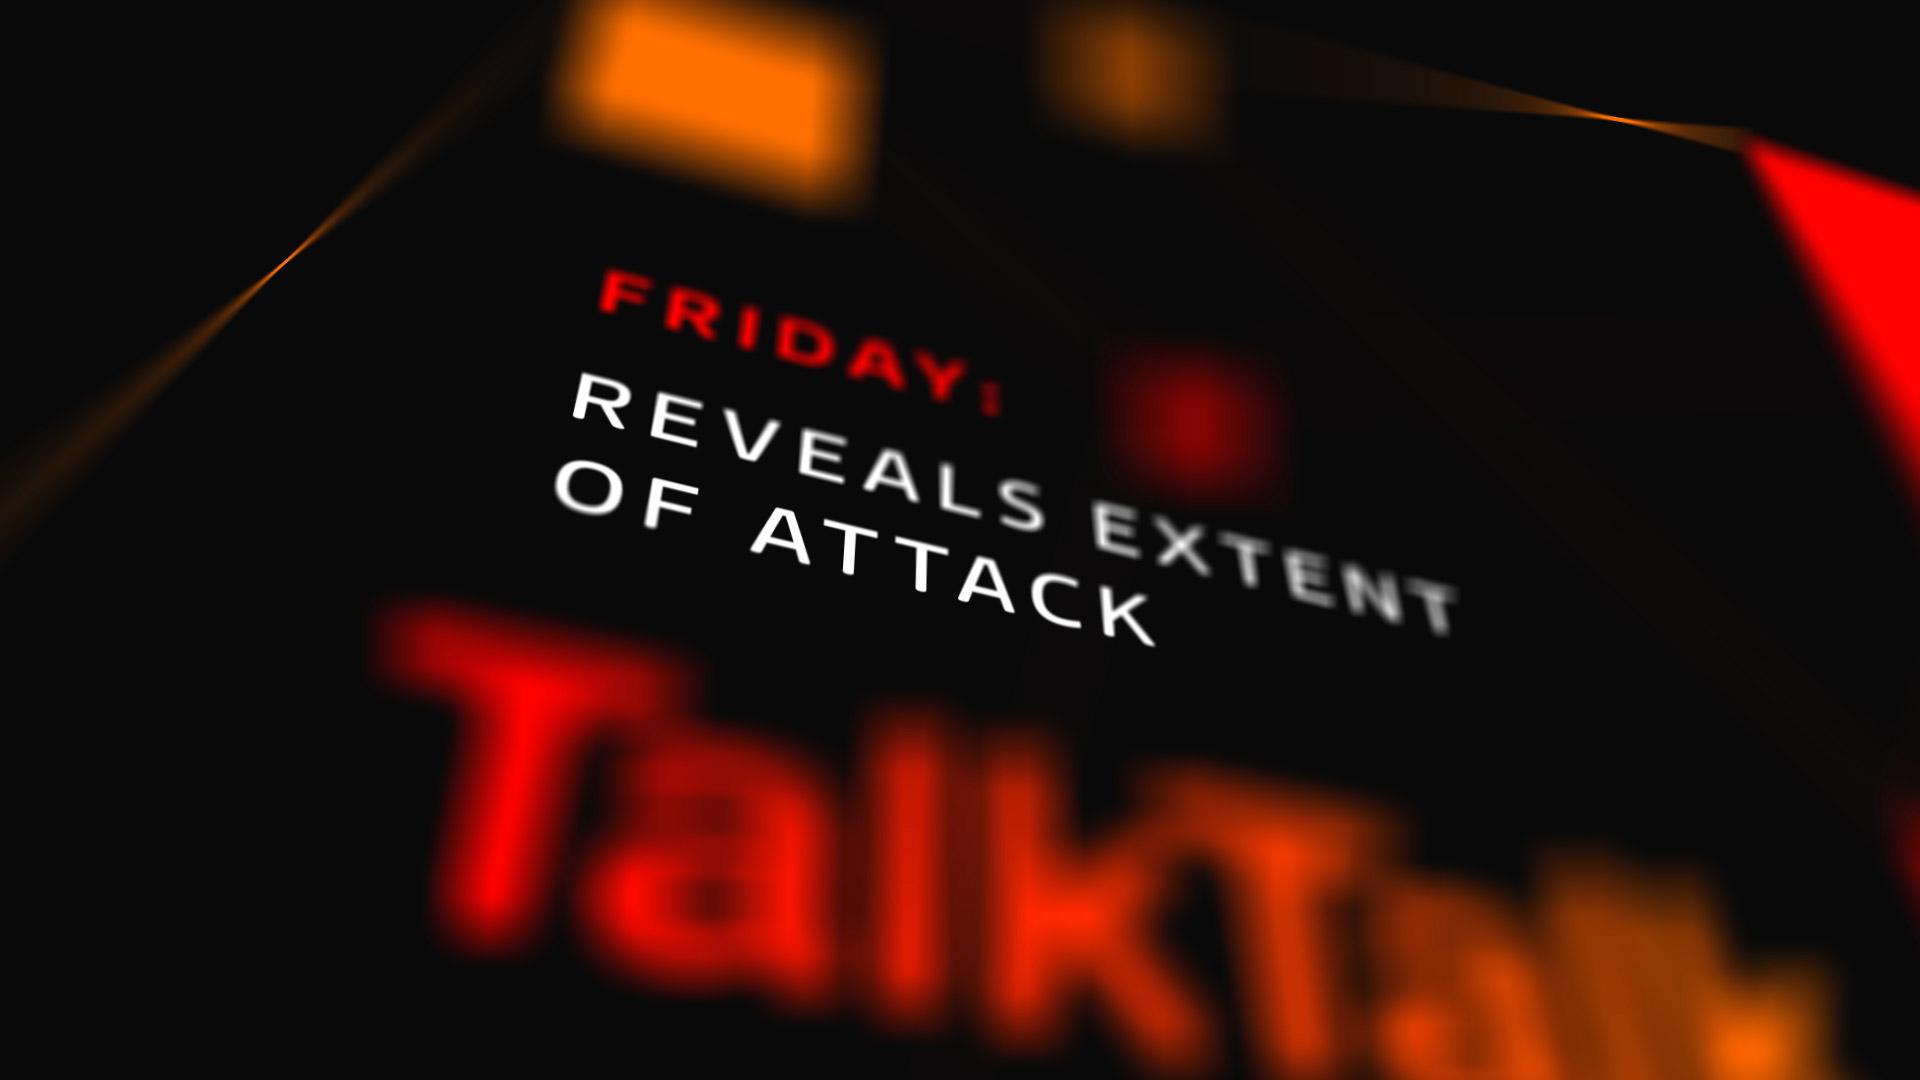 talktalk_5